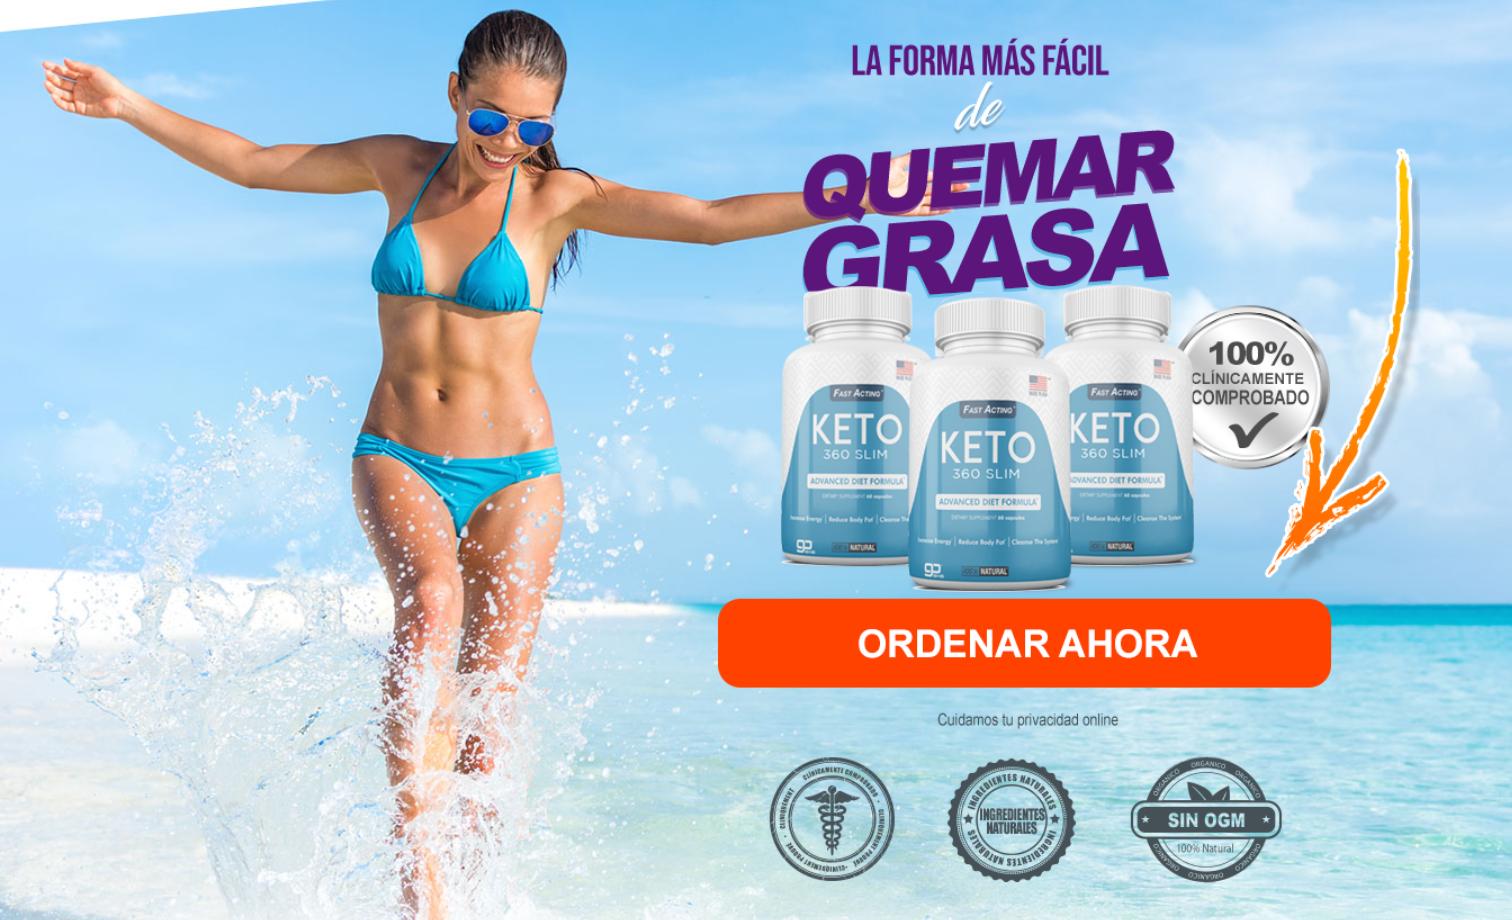 Keto 360 Slim Panama Precio, Funciona, Opiniones, Farmacia & Comprar